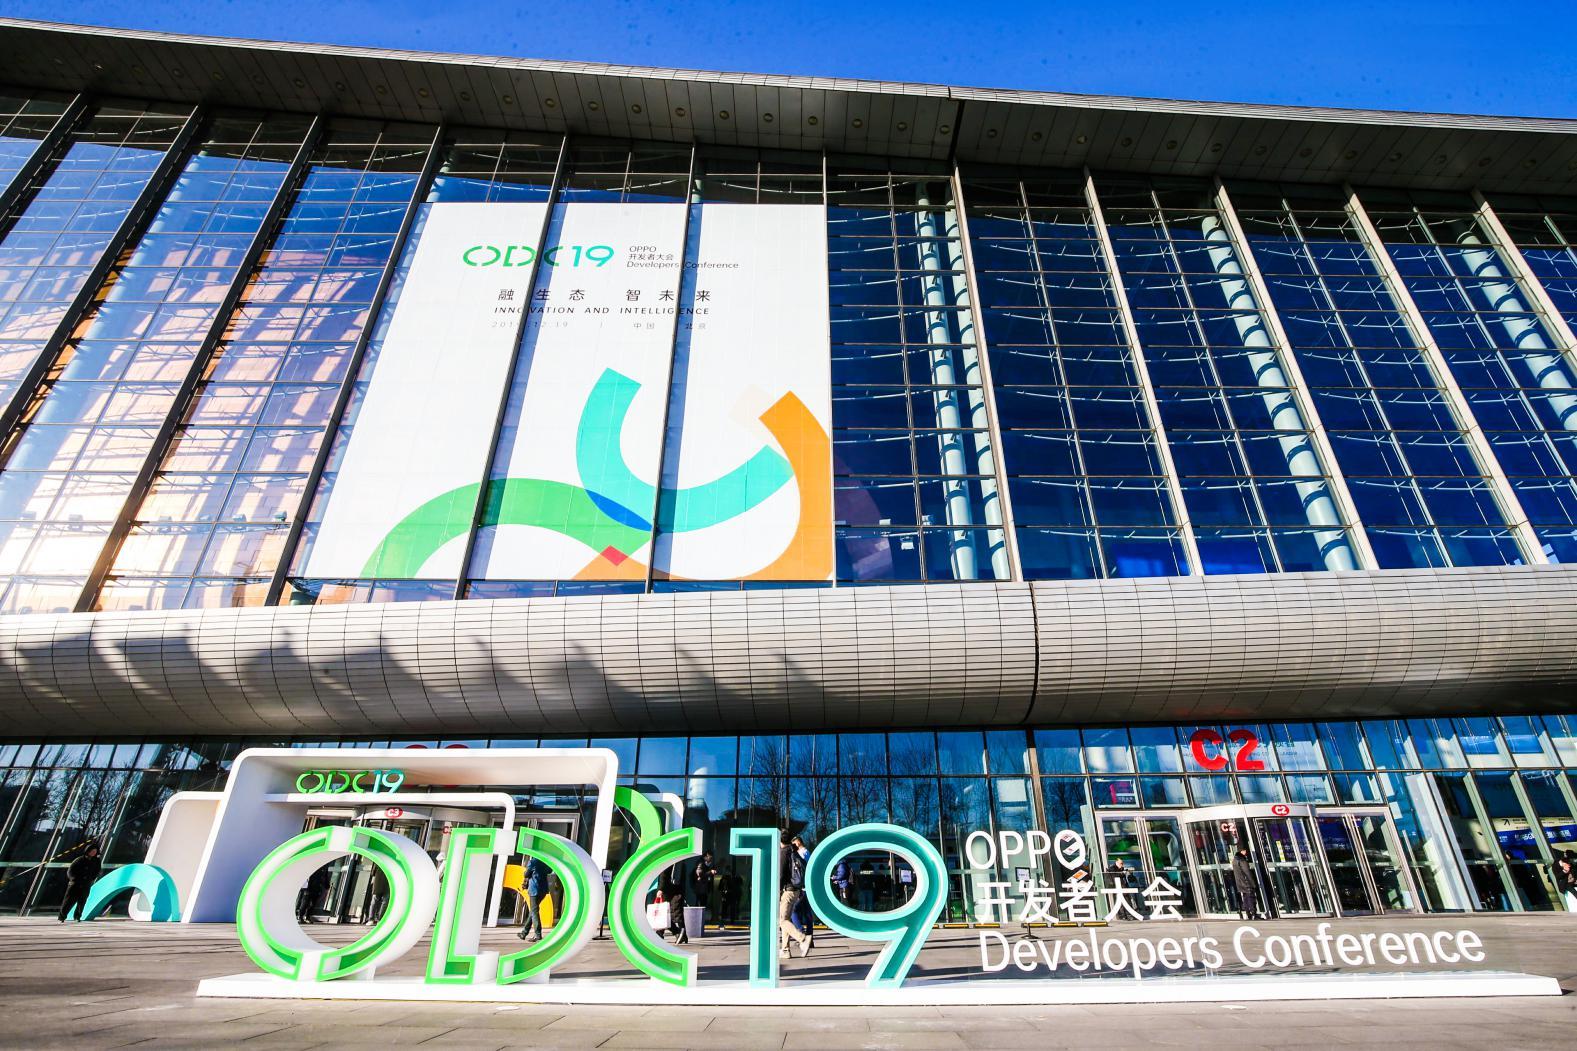 OPPO宣布三大举措 与开发者及合作伙伴共建智能服务新生态